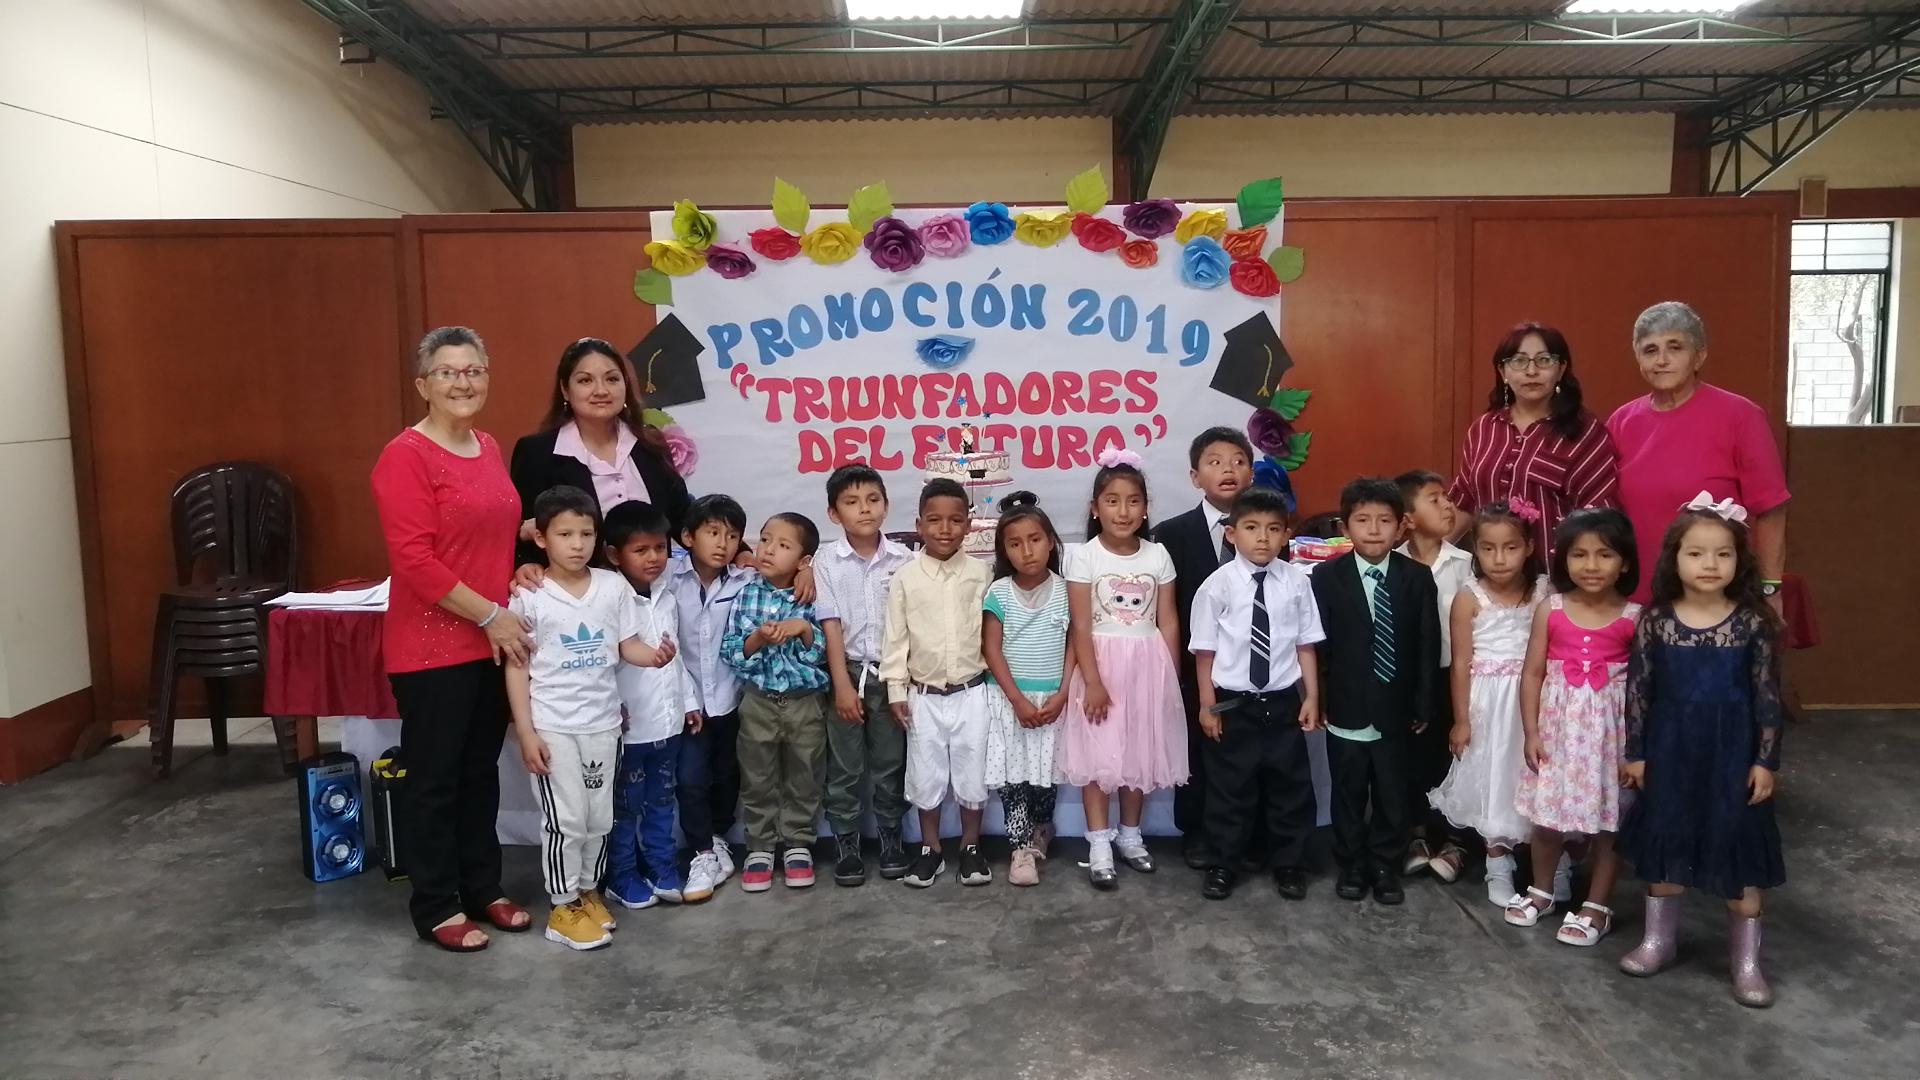 Graduación Colegio Toni Real Vicens (Trujillo)